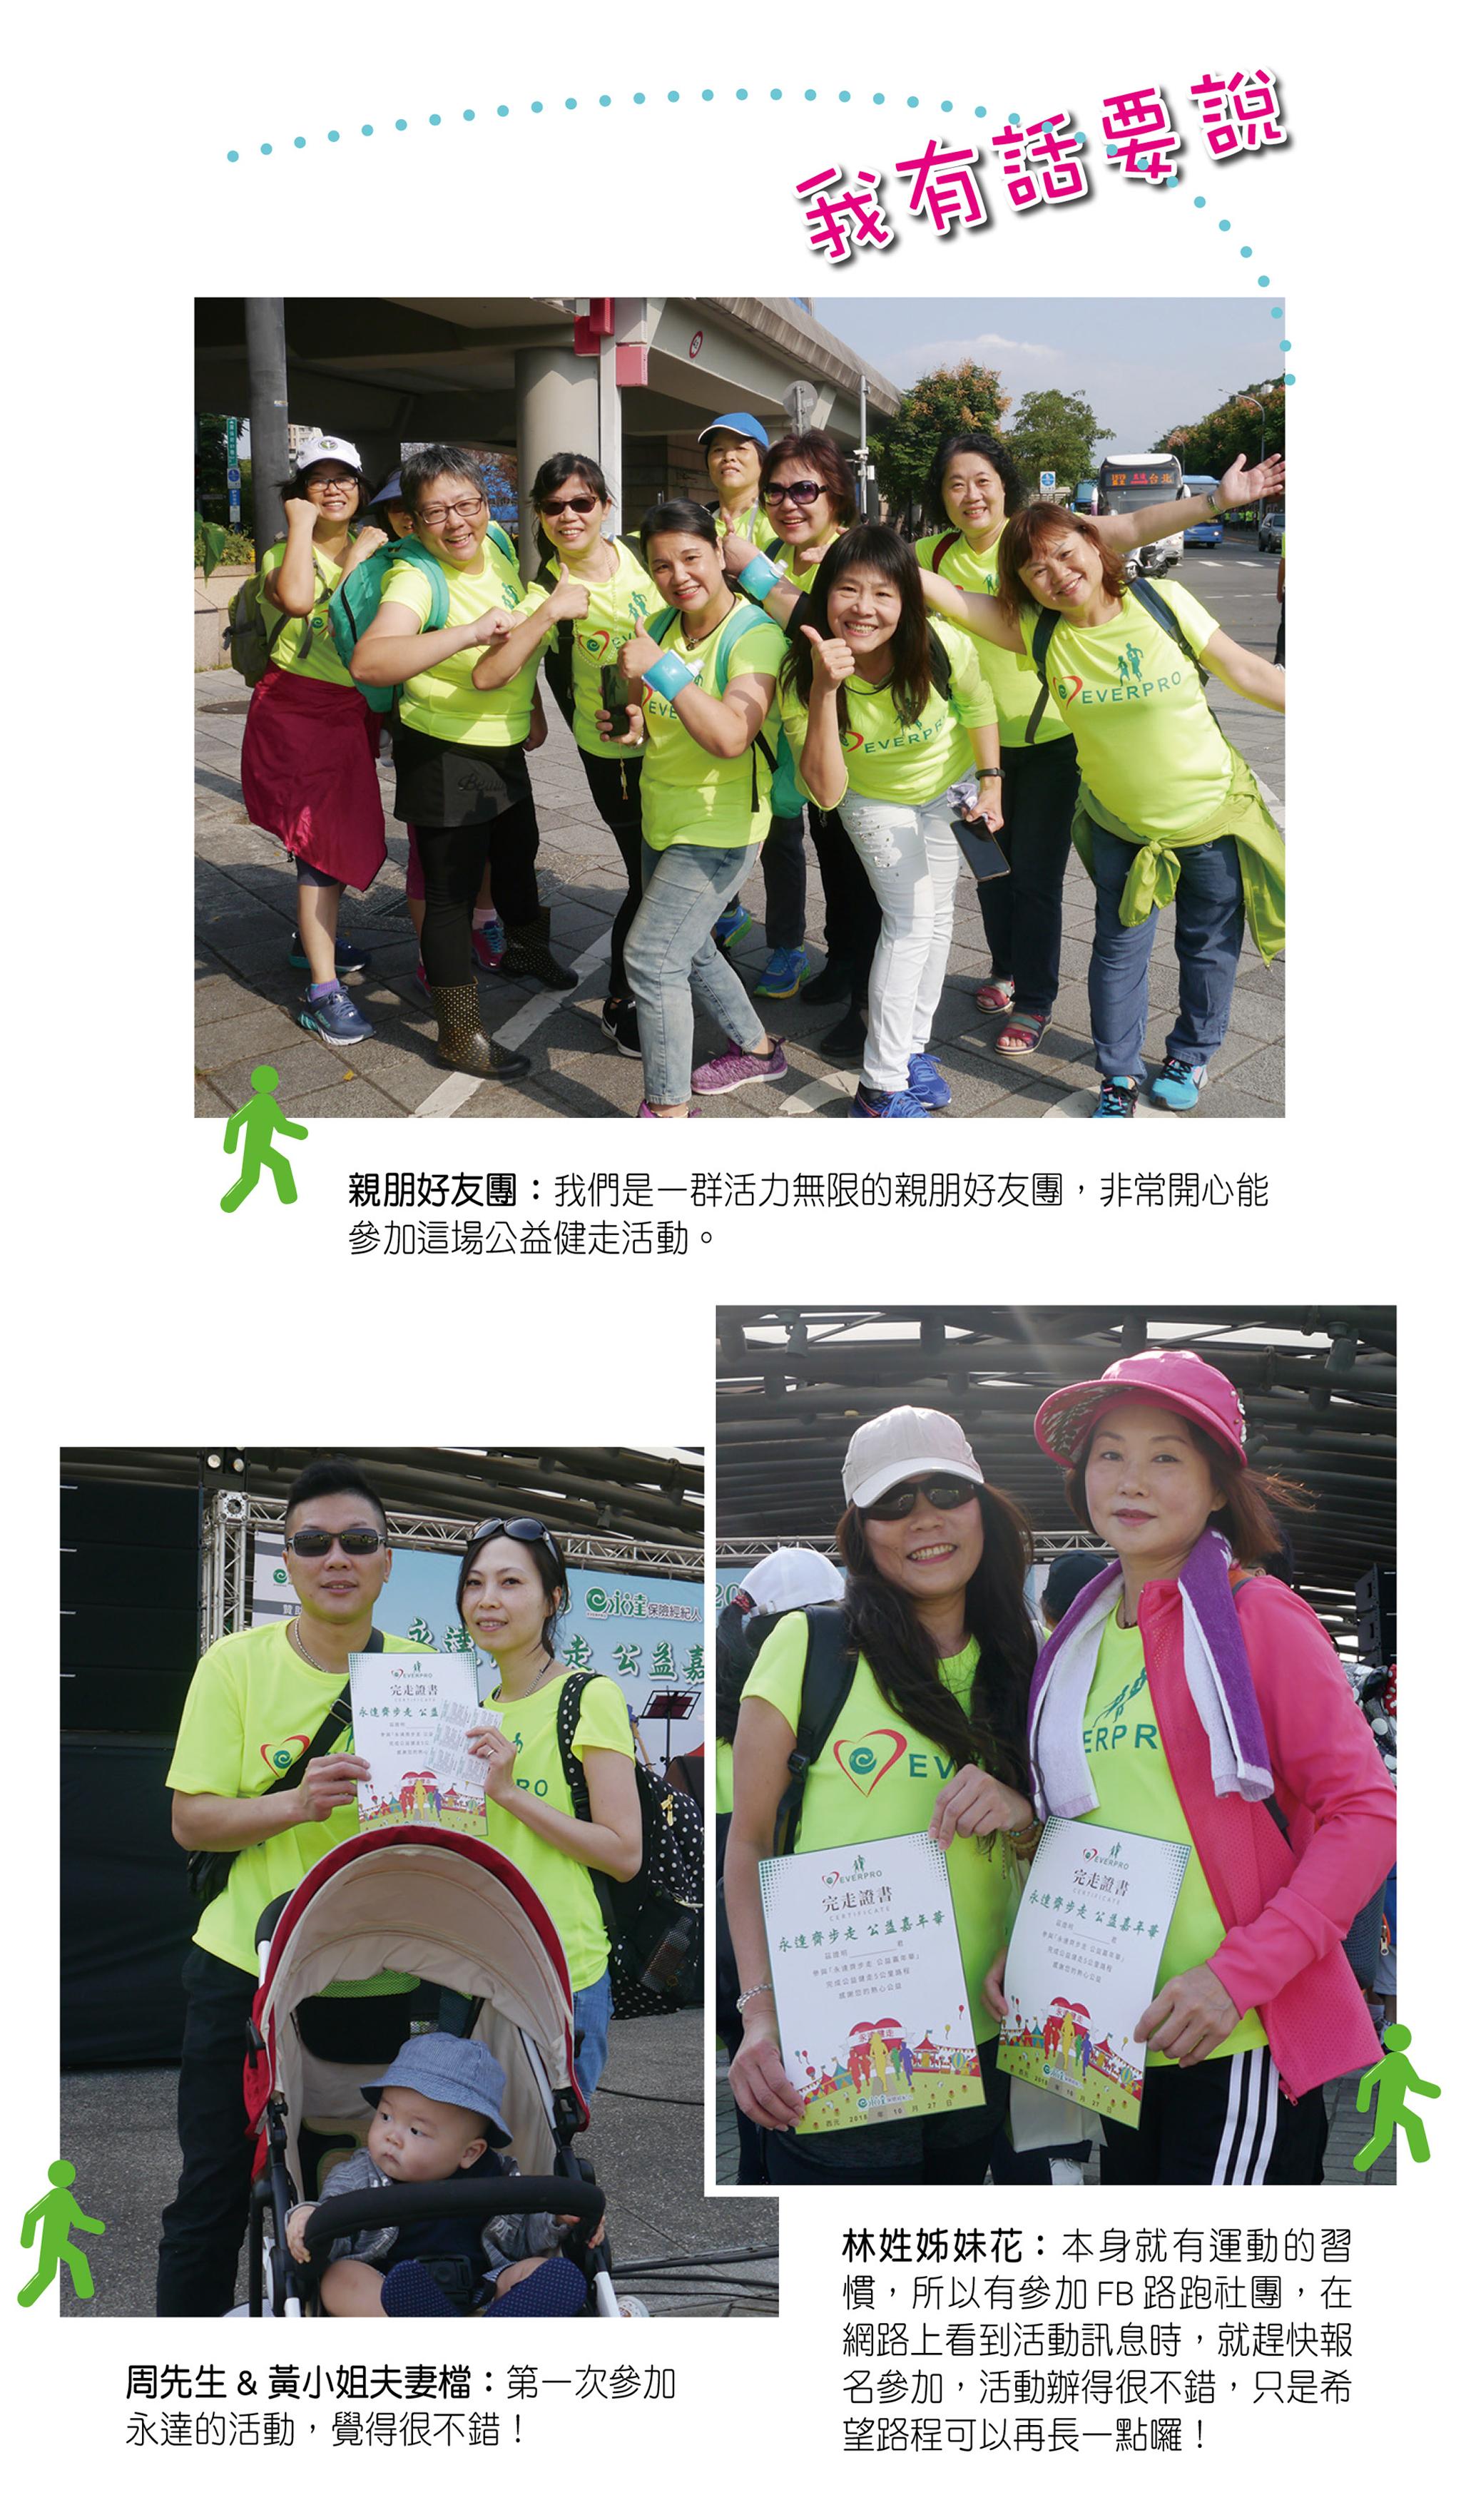 諸多親朋好友一致讚賞此次公益健走活動。